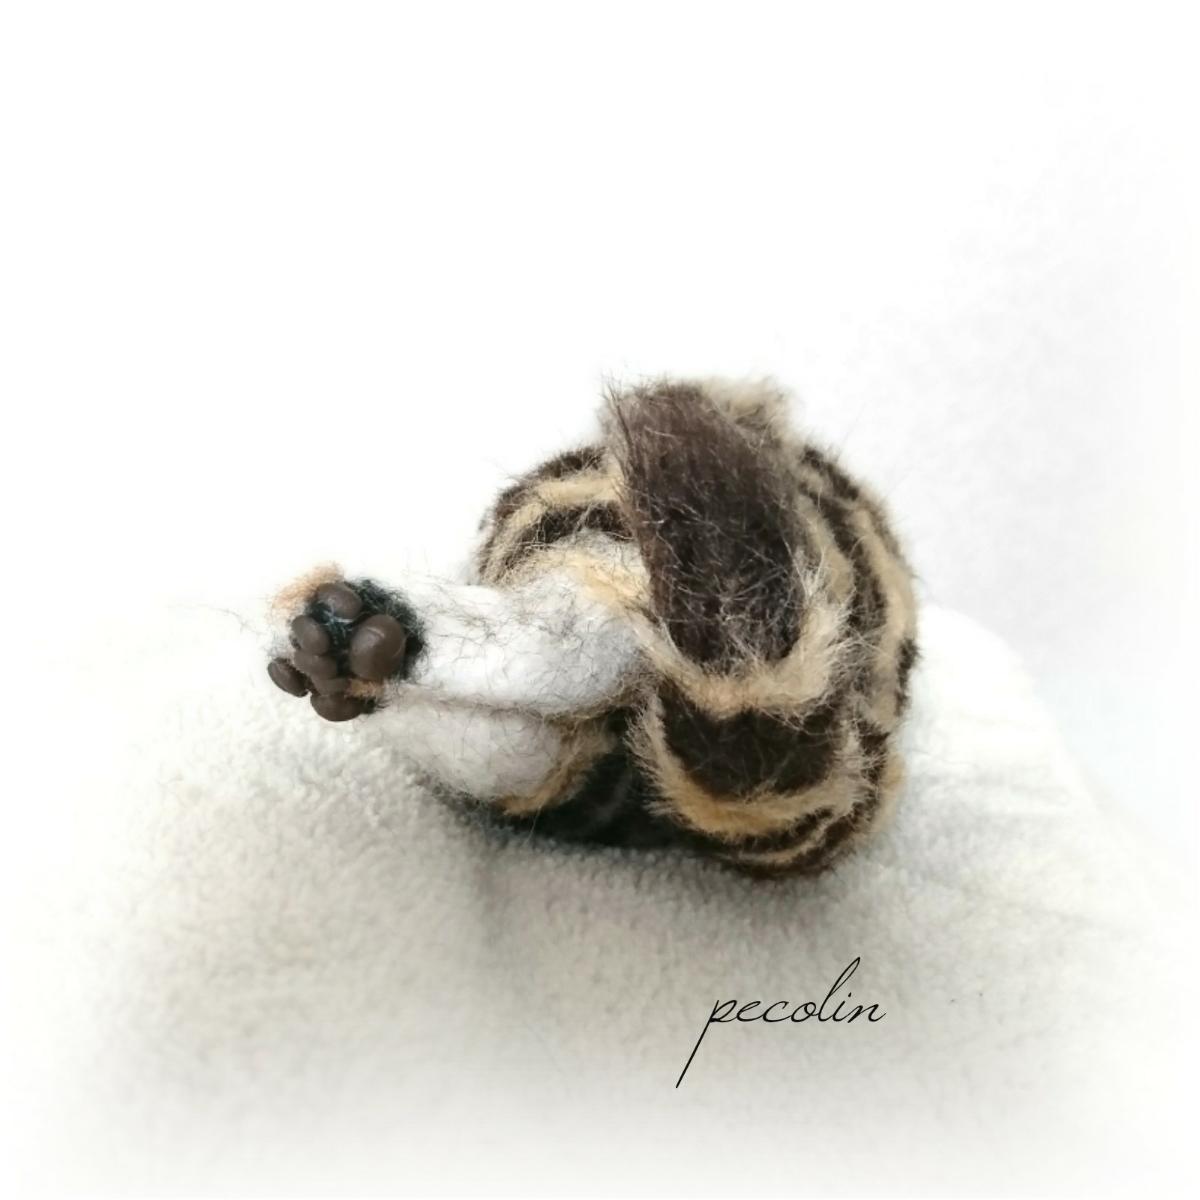 peco-lin 羊毛フェルト すやすや眠るベンガルの赤ちゃん 猫 ハンドメイド 眠り猫_画像7